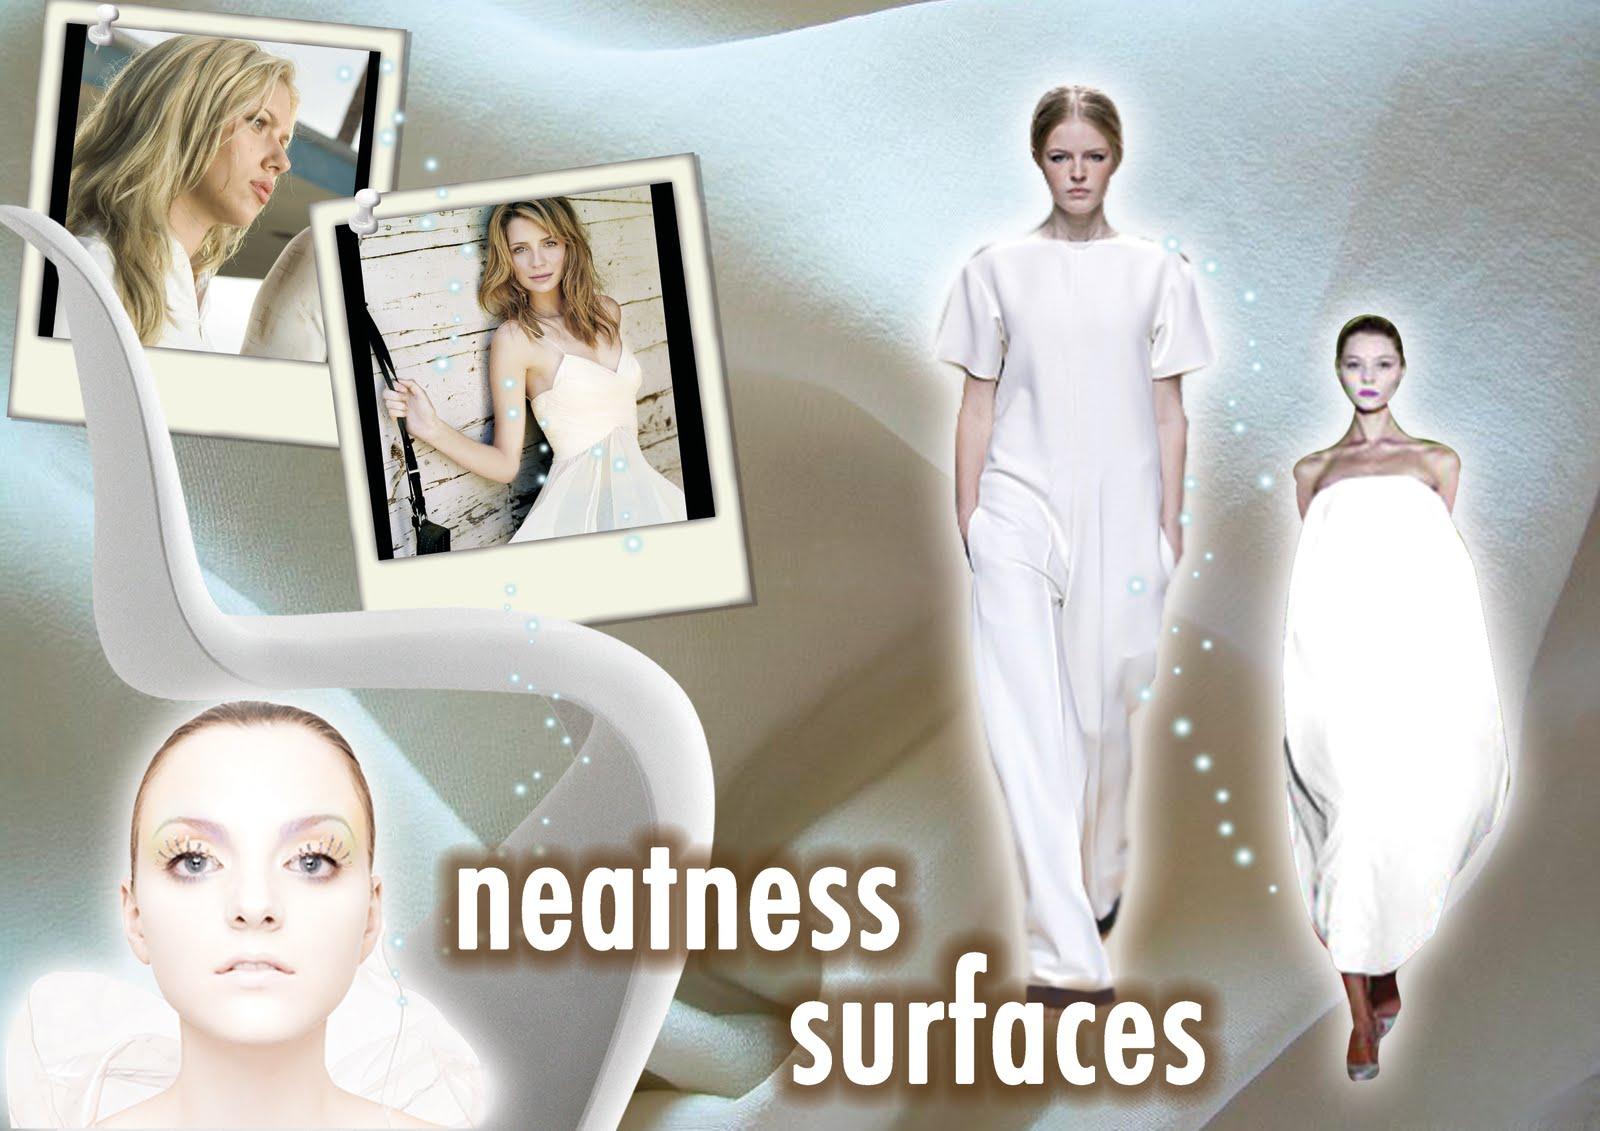 http://3.bp.blogspot.com/-GLr9NXHZcvc/TeTSf6m8L7I/AAAAAAAAAOo/UioaMUEvNh4/s1600/neatness+surfaces.jpg